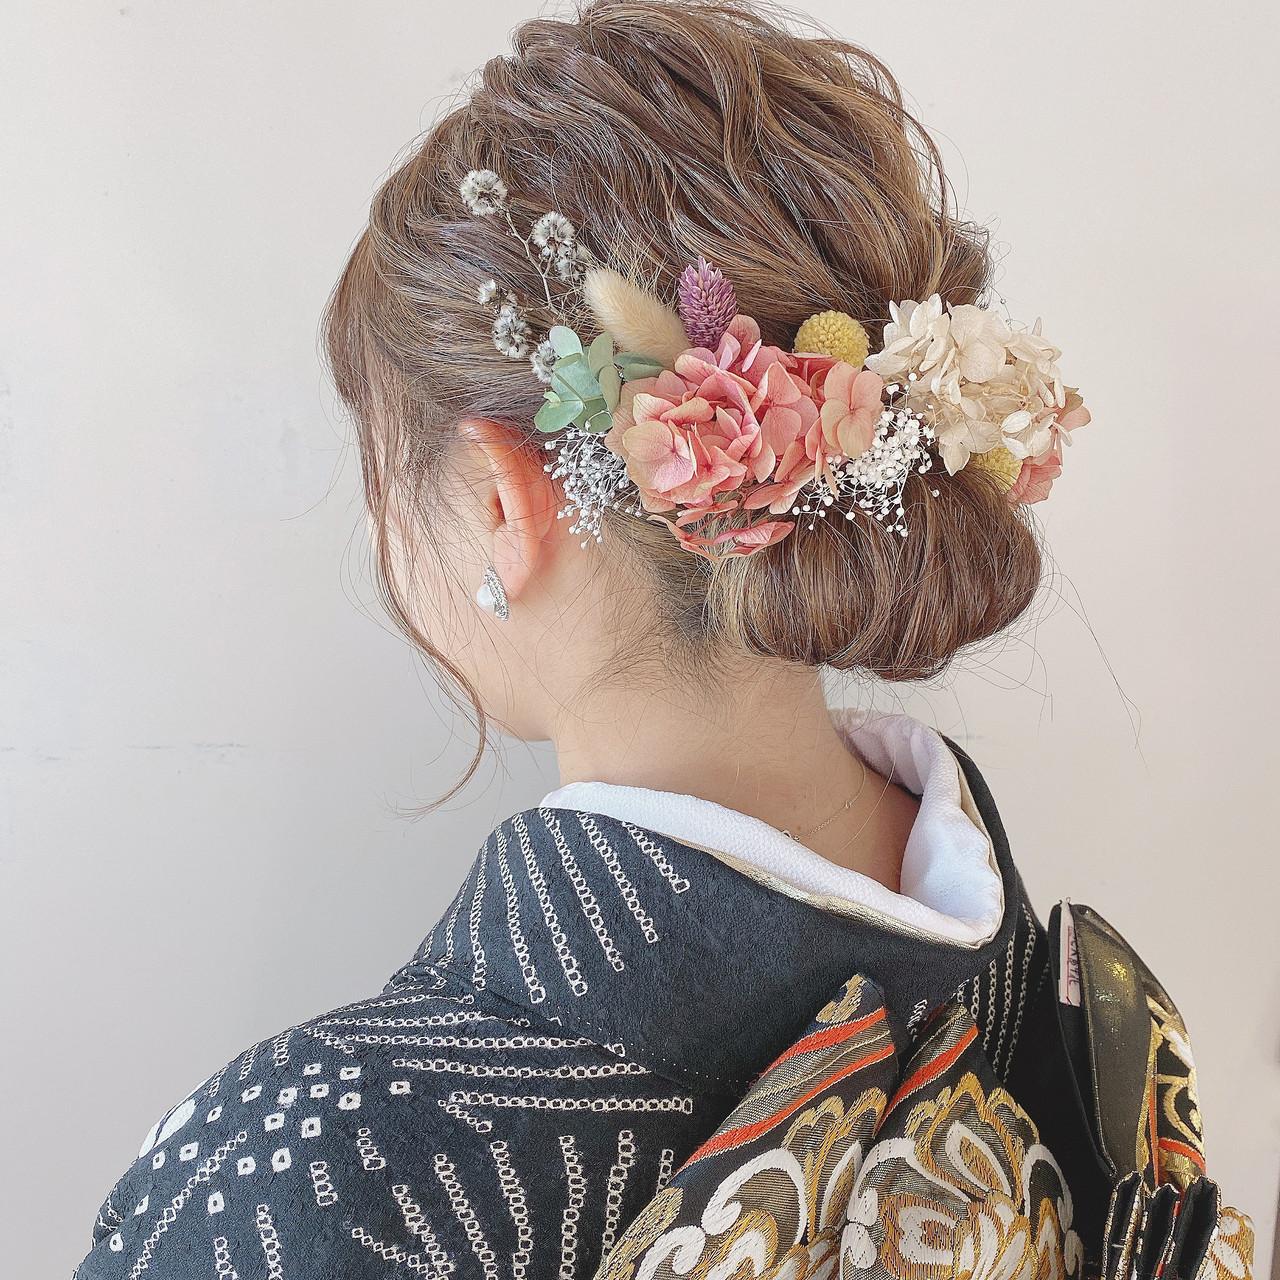 成人式 結婚式 ヘアセット ナチュラル ヘアスタイルや髪型の写真・画像